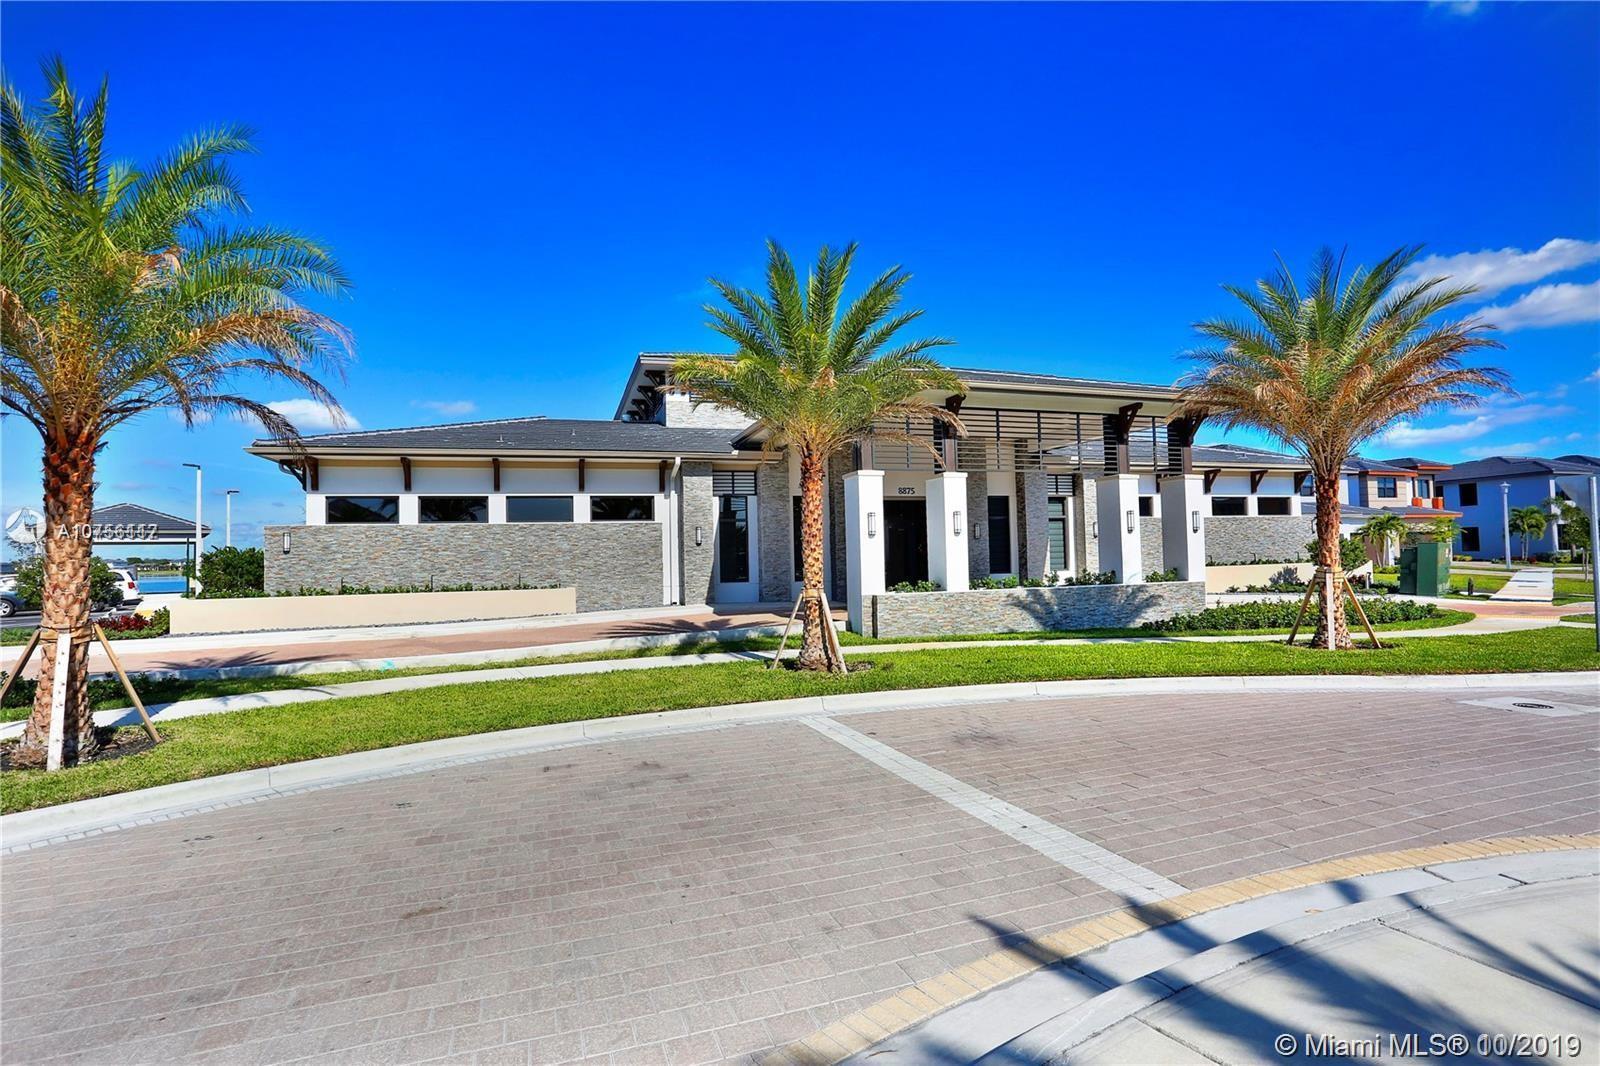 8975 NW 154th Ter, Miami Lakes, FL 33018